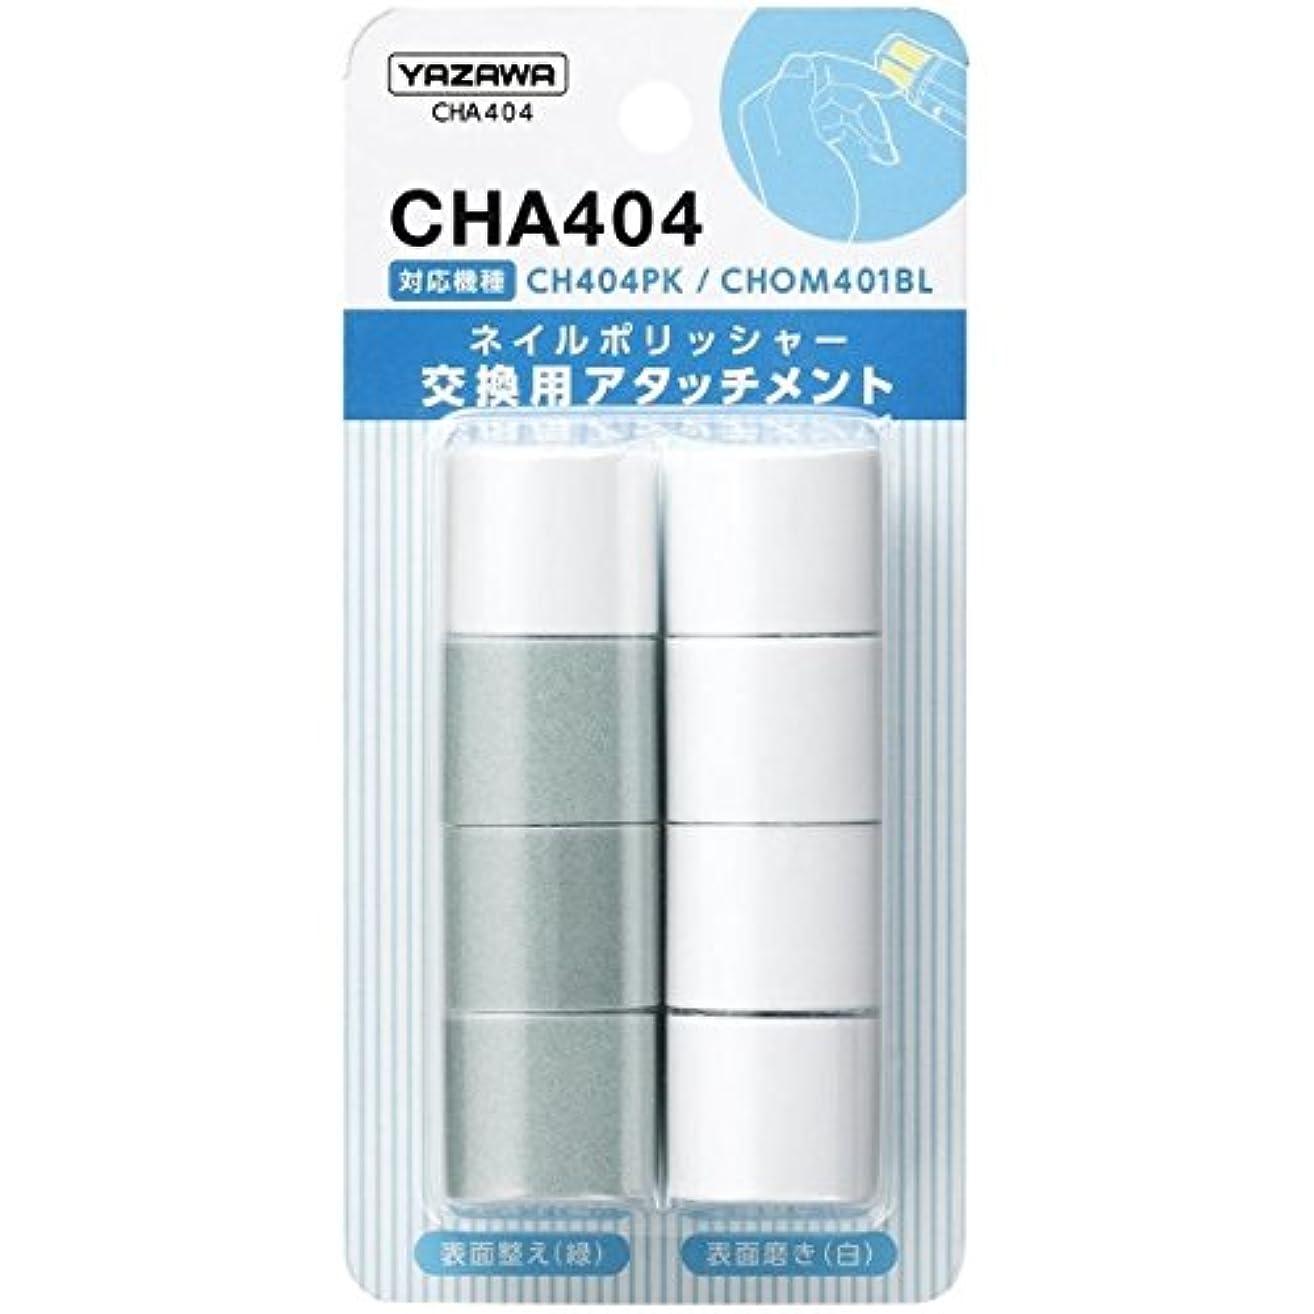 酸化物エイリアス手綱YAZAWA(ヤザワコーポレーション) ネイルポリッシャー交換用アタッチメント CHA404